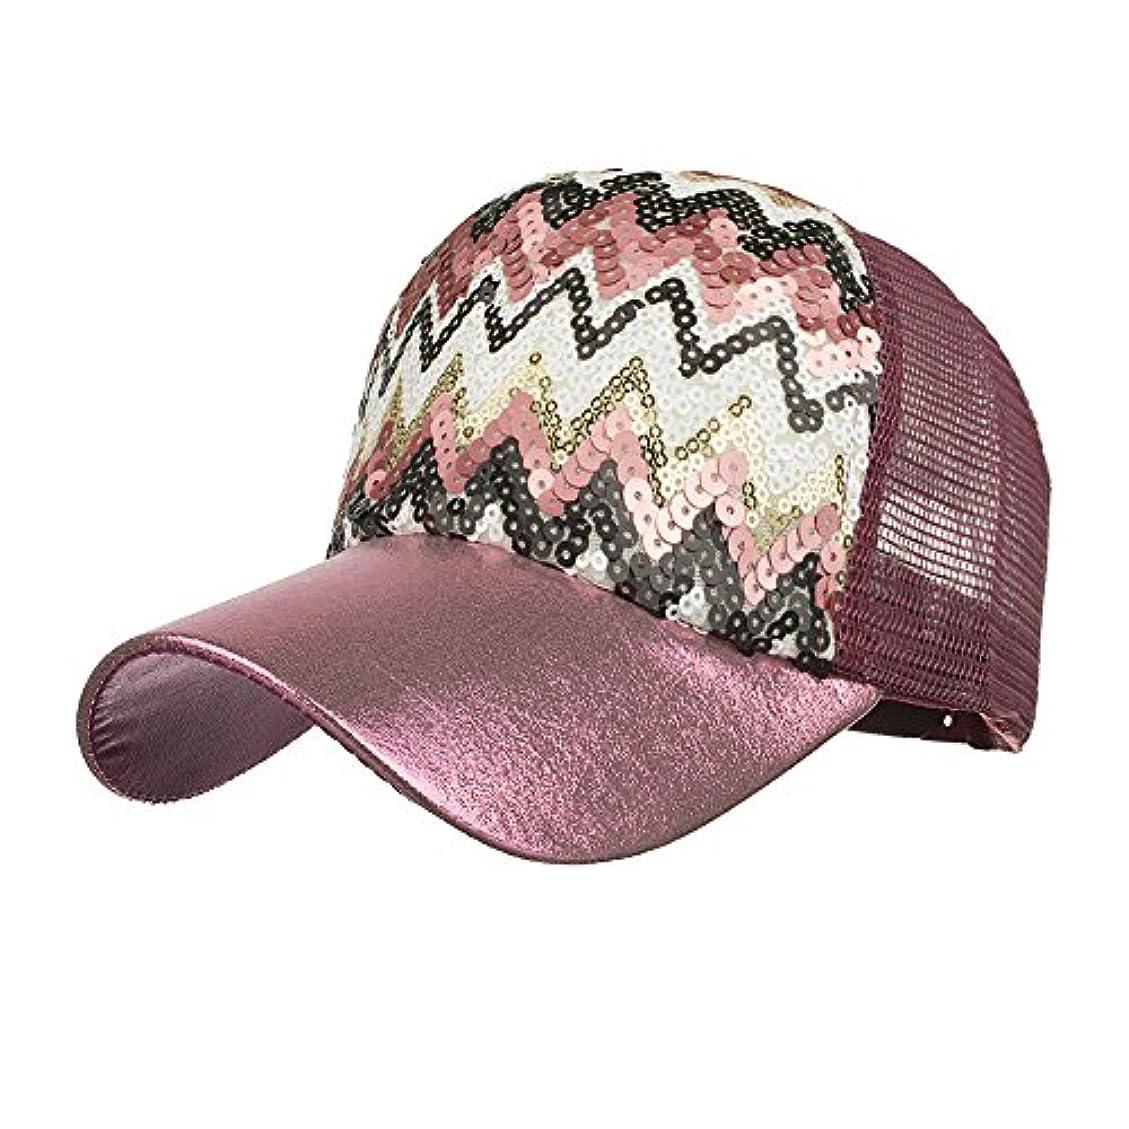 ハッチペッカディロ博覧会Racazing Cap 輝く棒球帽 カラーマッチング 野球帽 ヒップホップ 通気性のある ラインストーン 帽子 夏 登山 アメリカの旗 可調整可能 男女兼用 UV 帽子 軽量 屋外 メッシュ Unisex Cap (紫の)